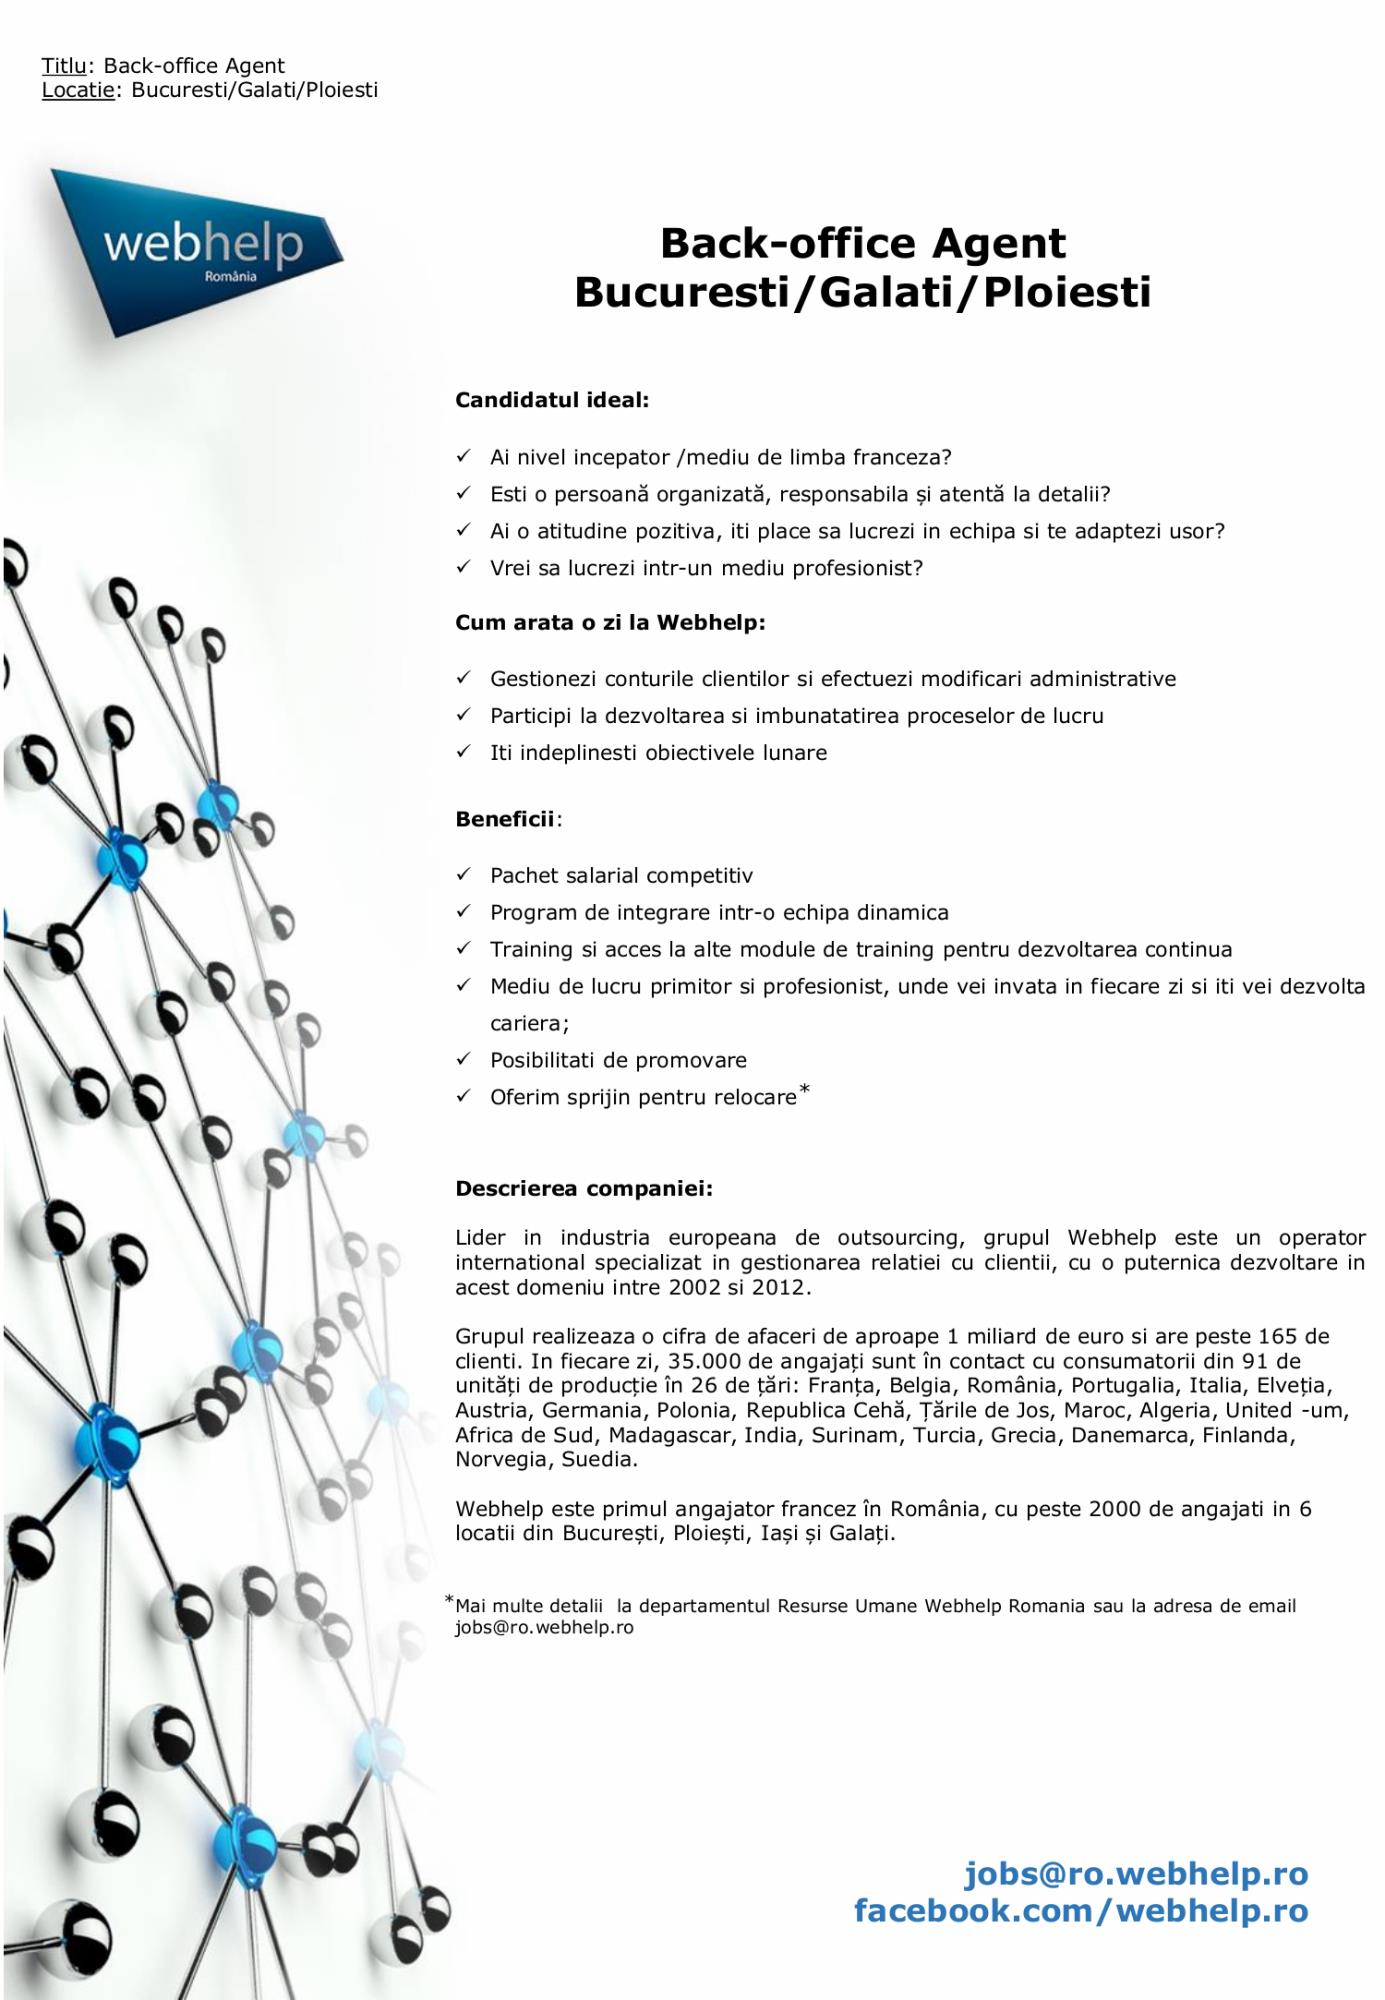 Back-office Agent Bucuresti/ Galati/ Ploiesti